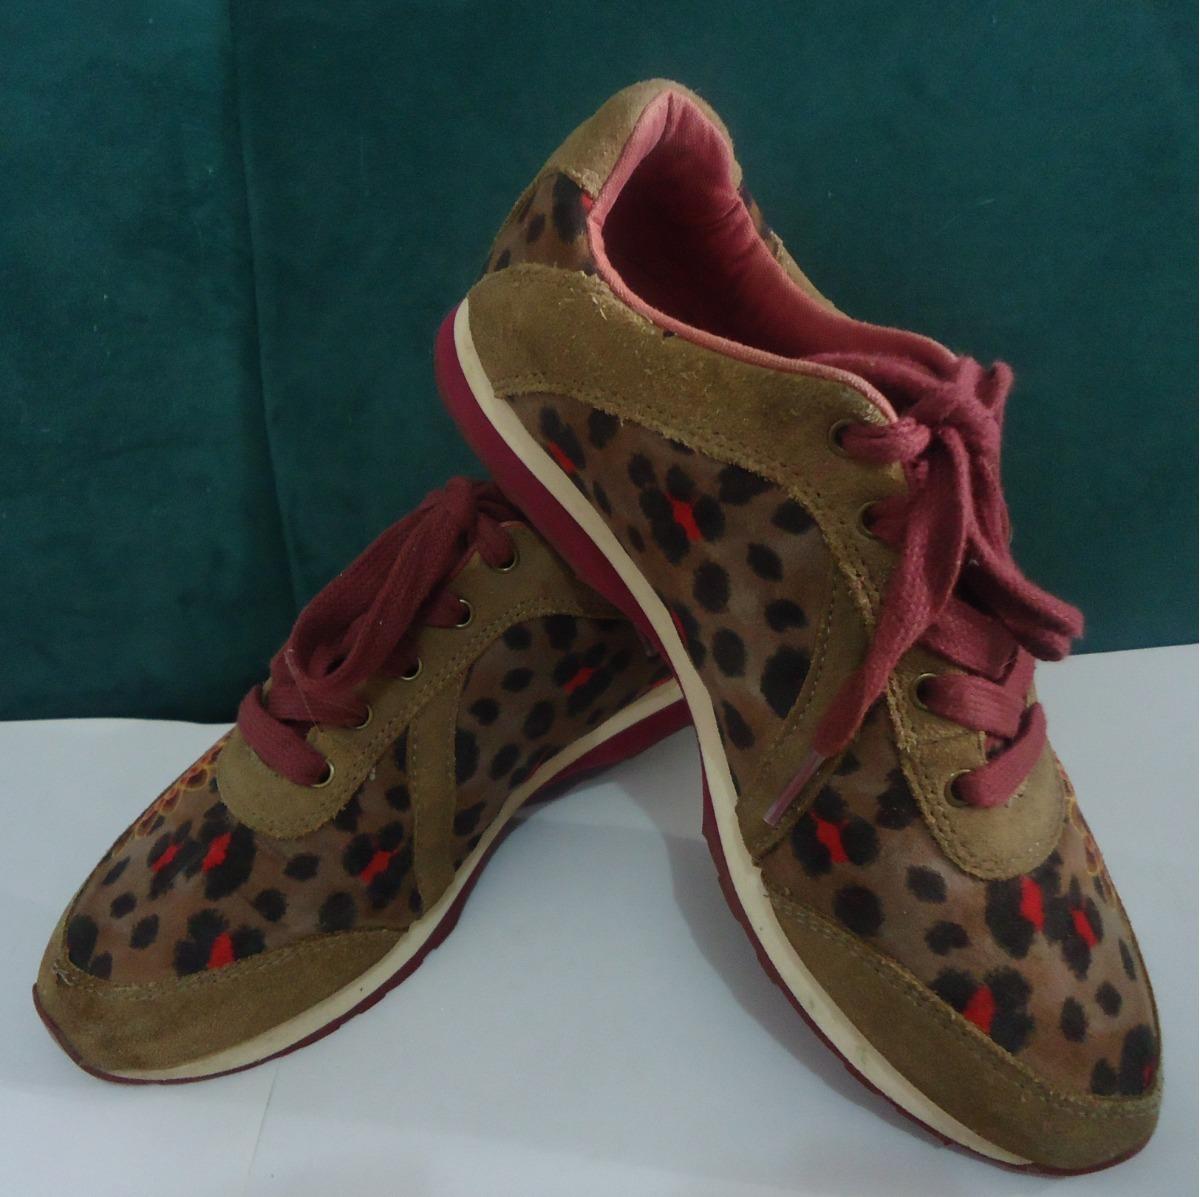 Desigual 000 En 13 00 Libre Bs Marca Zapatos Espectaclares Mercado ZxRw0XqEZ